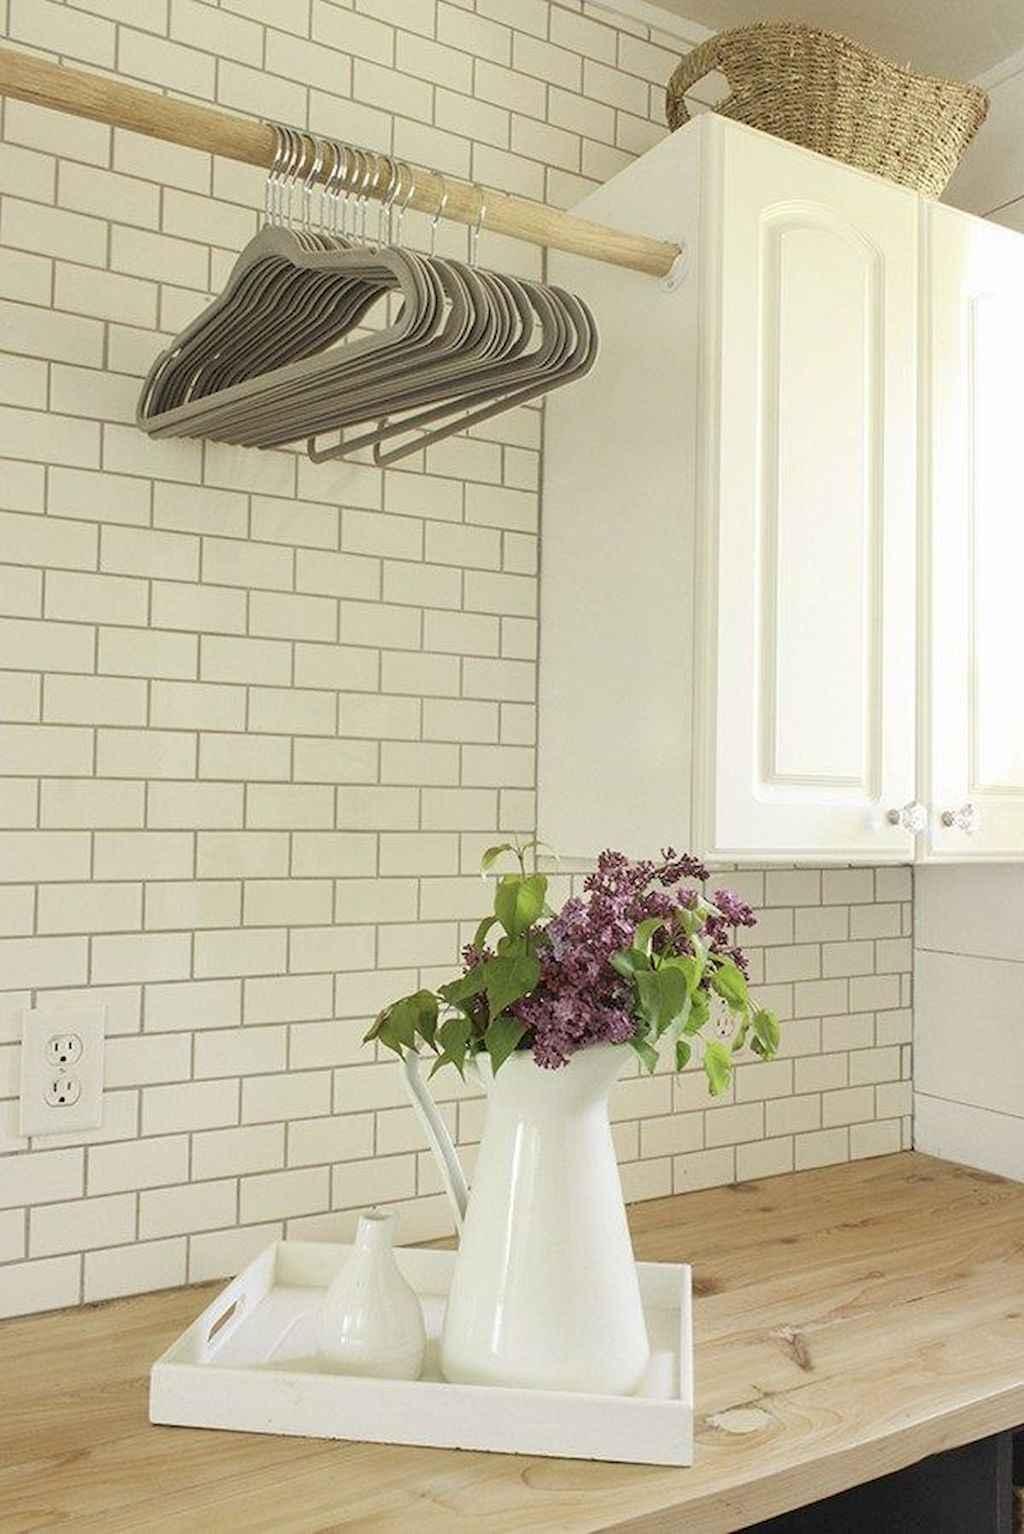 47 Small Farmhouse Laundry Room Decor Ideas Homespecially